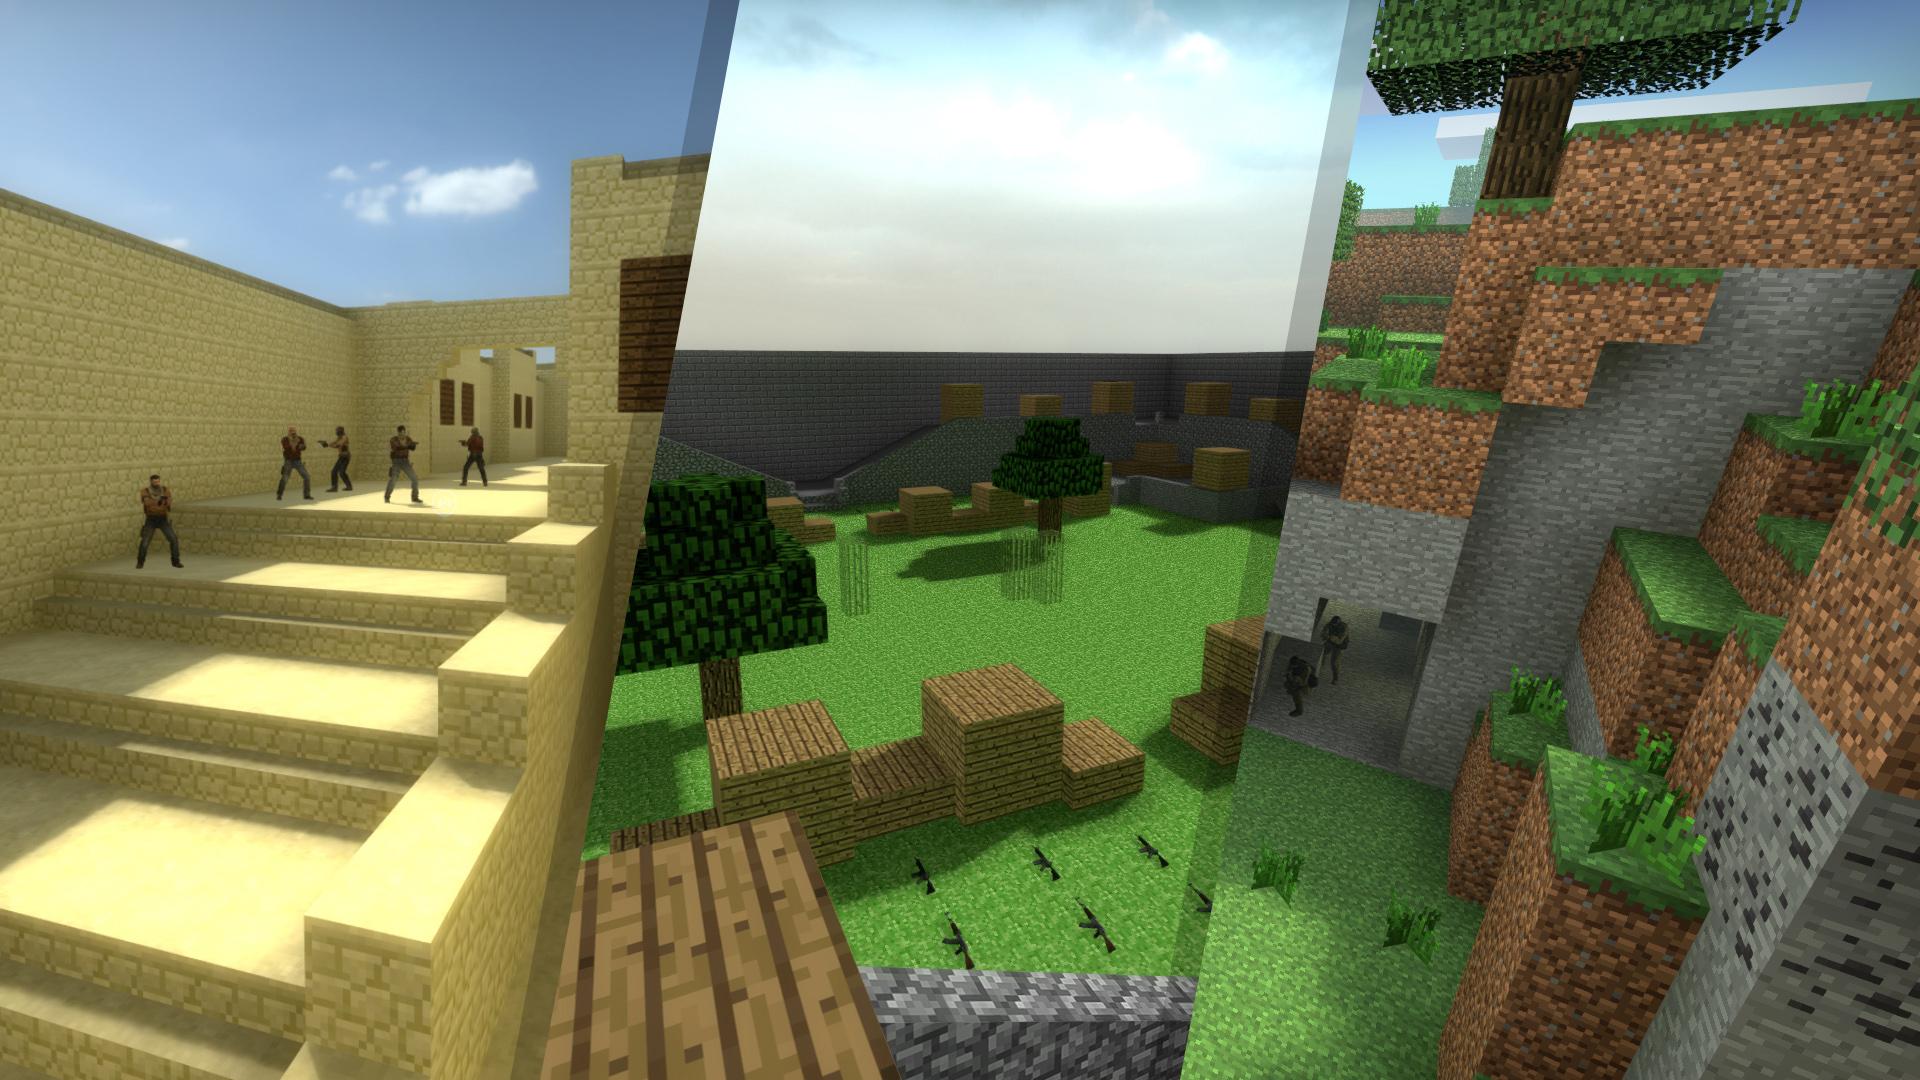 Карты в CS:GO в стиле игры MineCraft